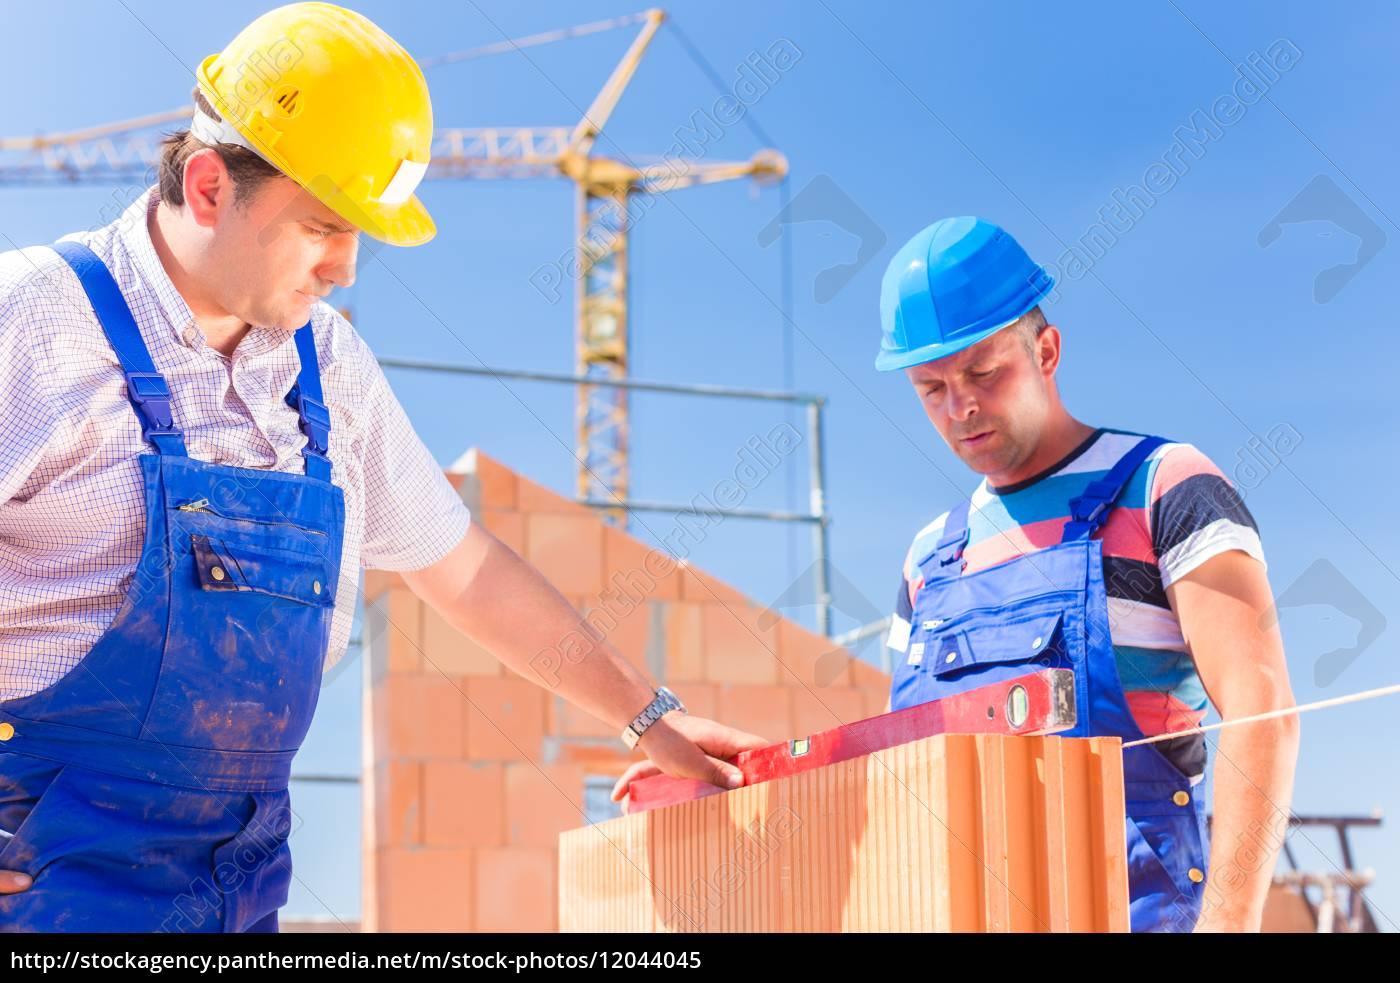 dos, trabajadores, de, la, construcción, en - 12044045